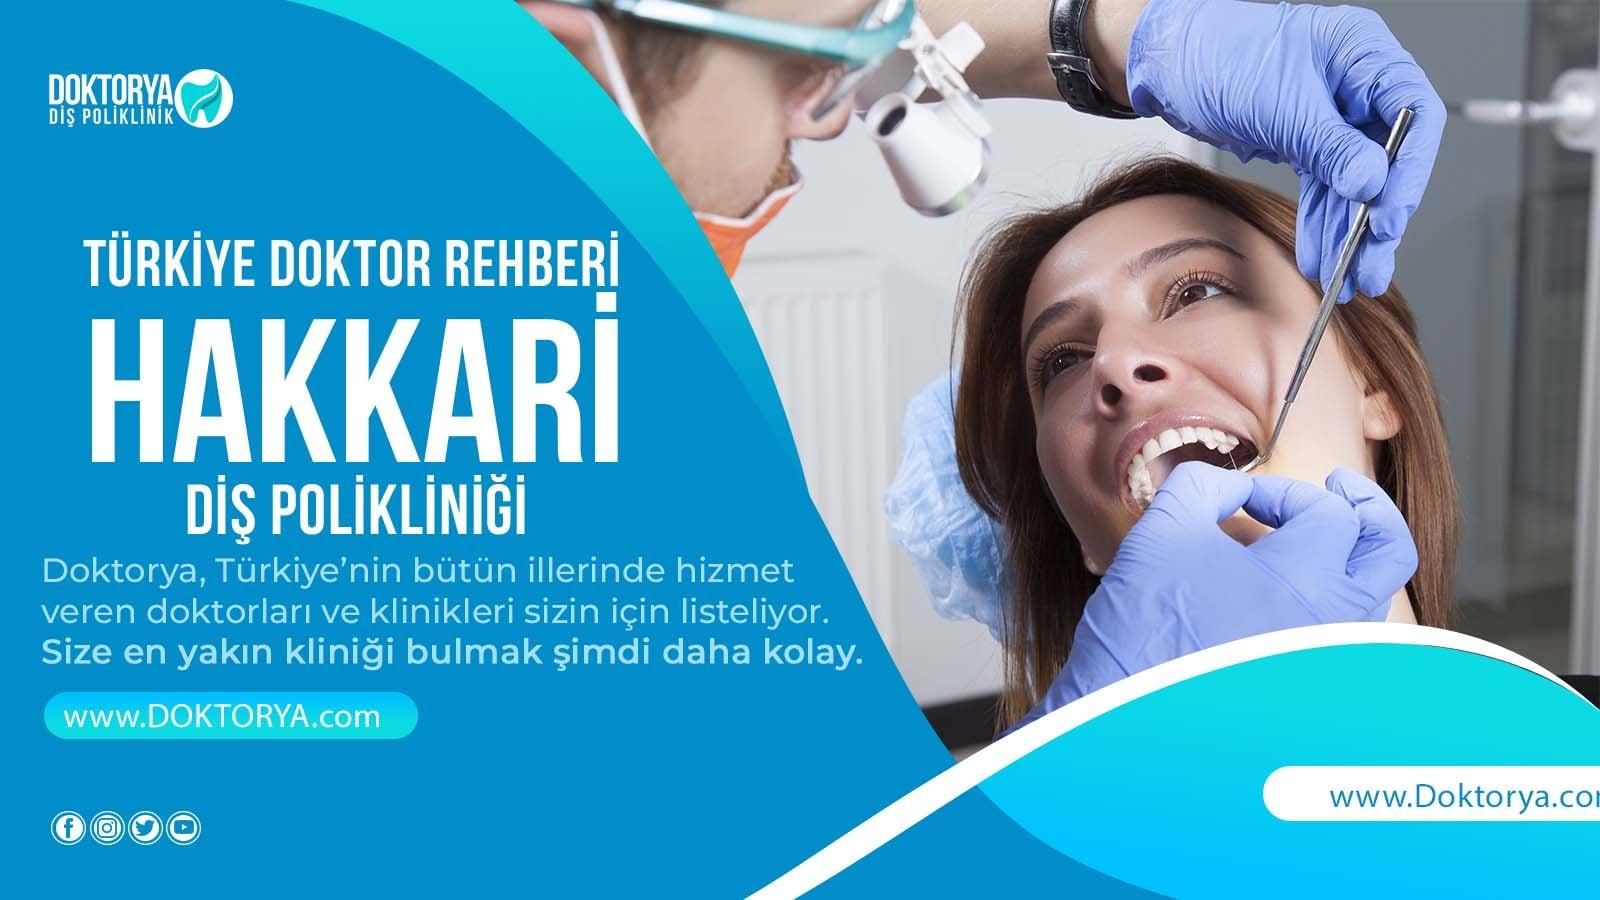 Hakkari Diş Poliklinik